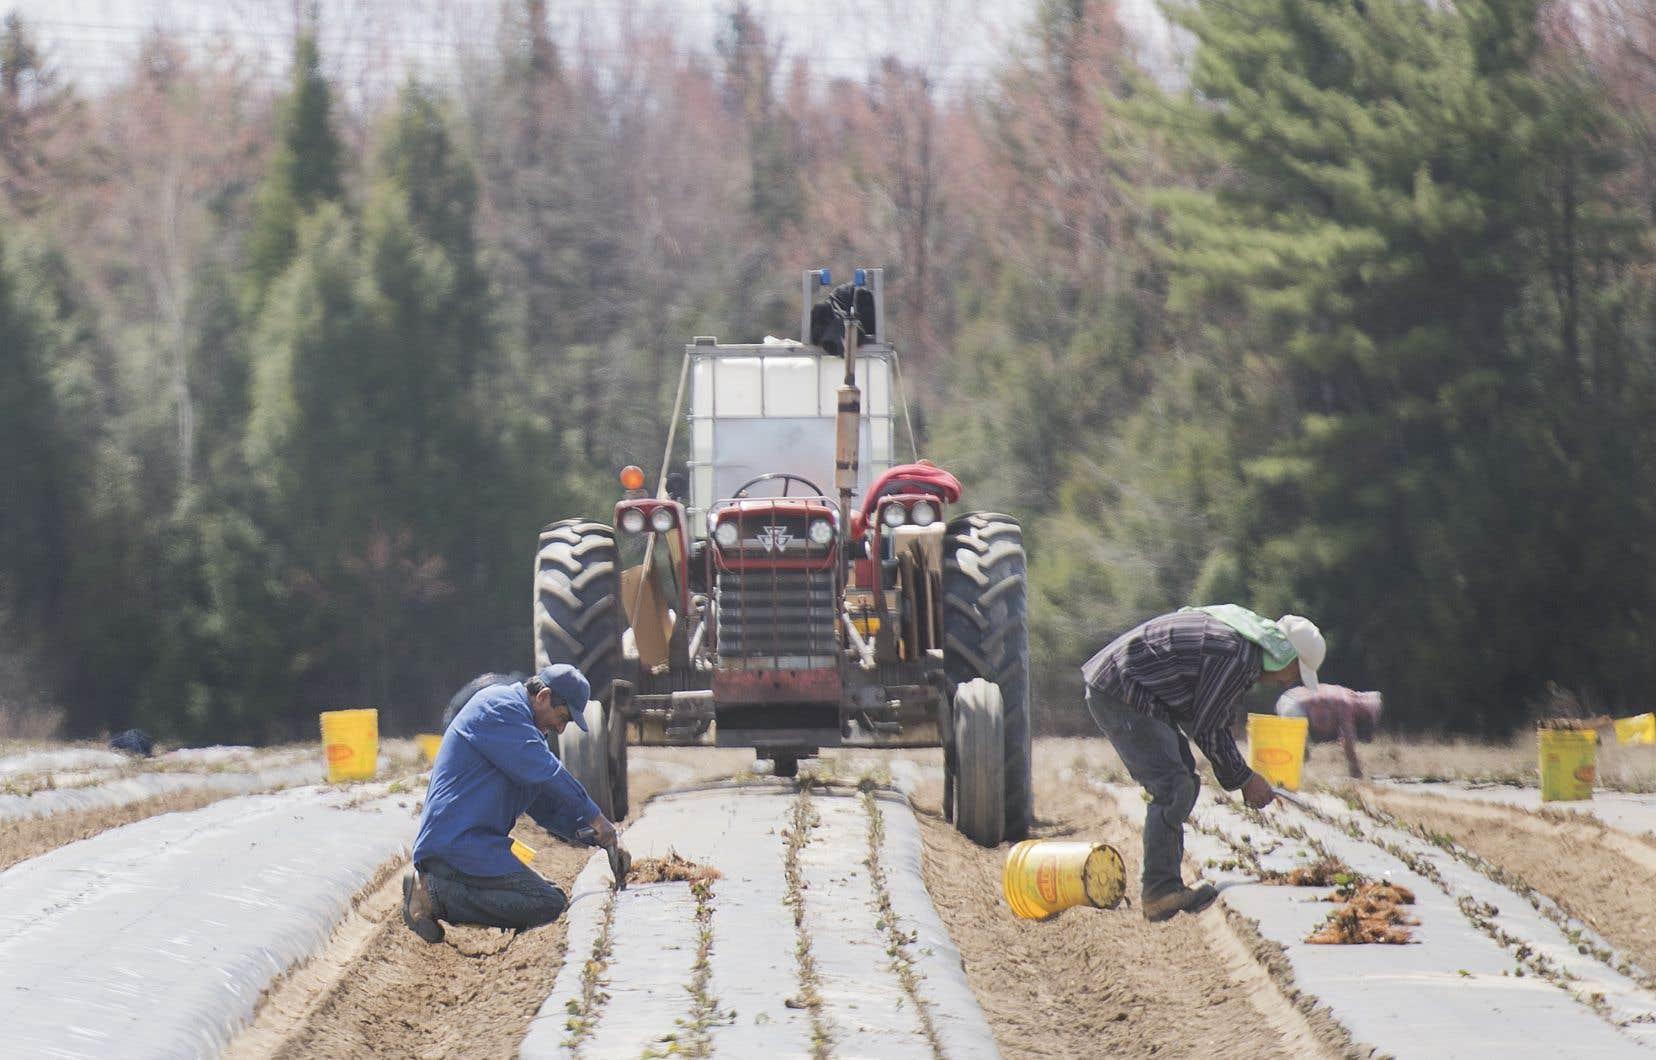 Les Mexicains représentent environ la moitié des travailleurs étrangers temporaires employés dans le secteur agricole au Canada.